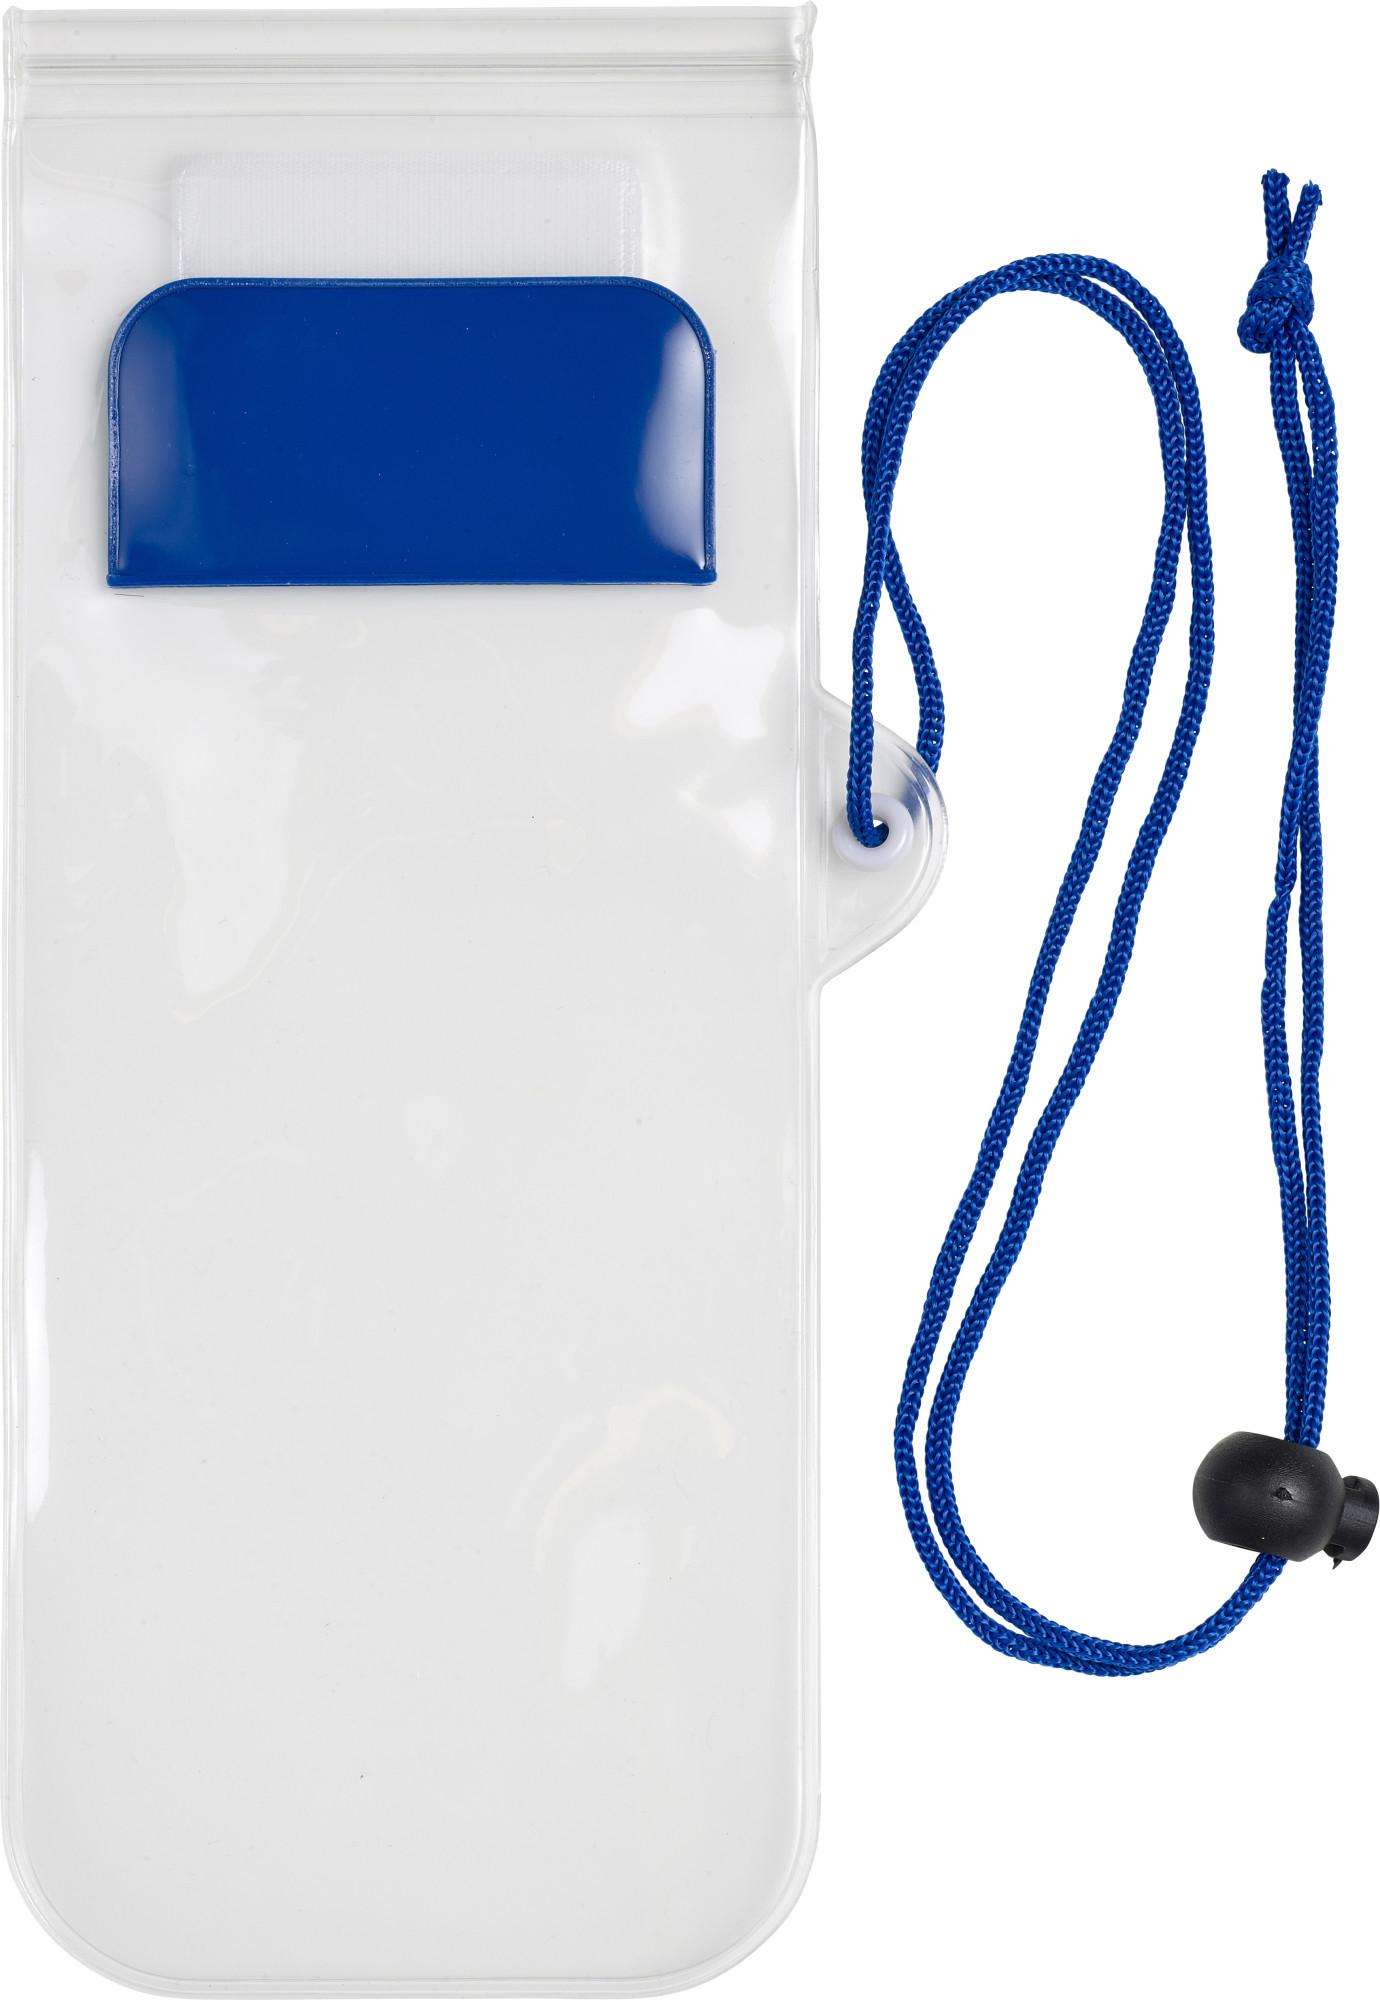 Étui waterproof en PVC pour smartphone - 19-1252-28